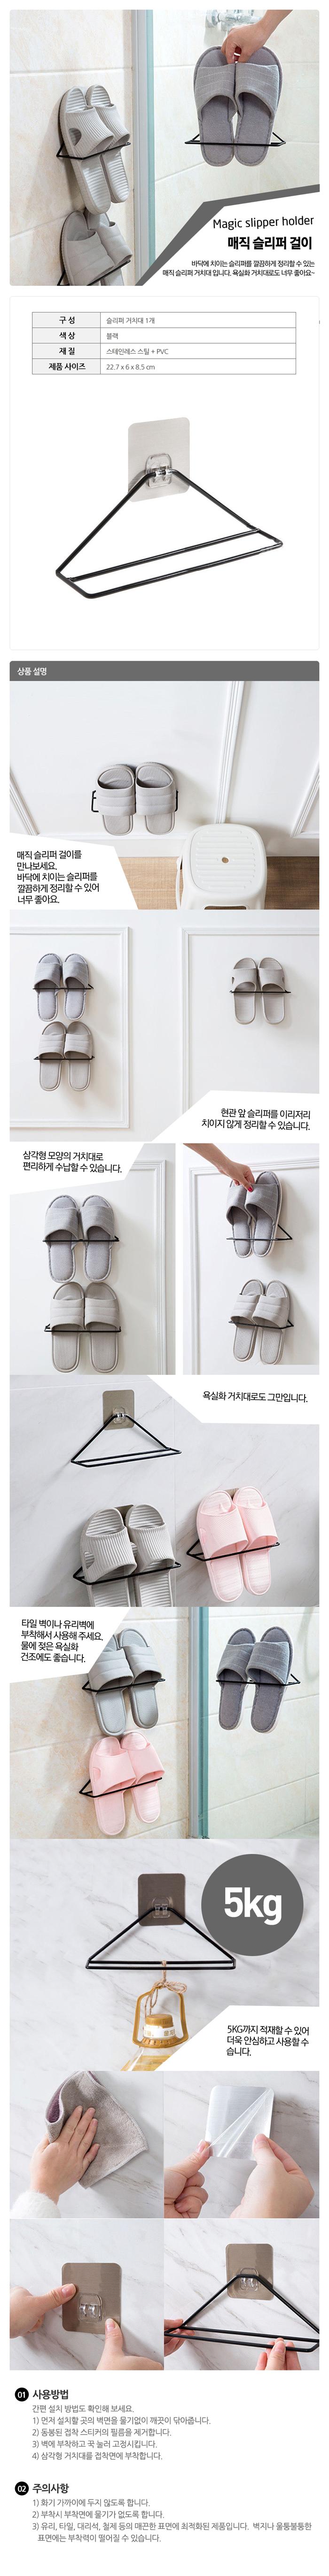 아파트32 매직 슬리퍼걸이 욕실화 거치대 - 아파트32, 5,000원, 수납/선반장, 신발정리대/신발장